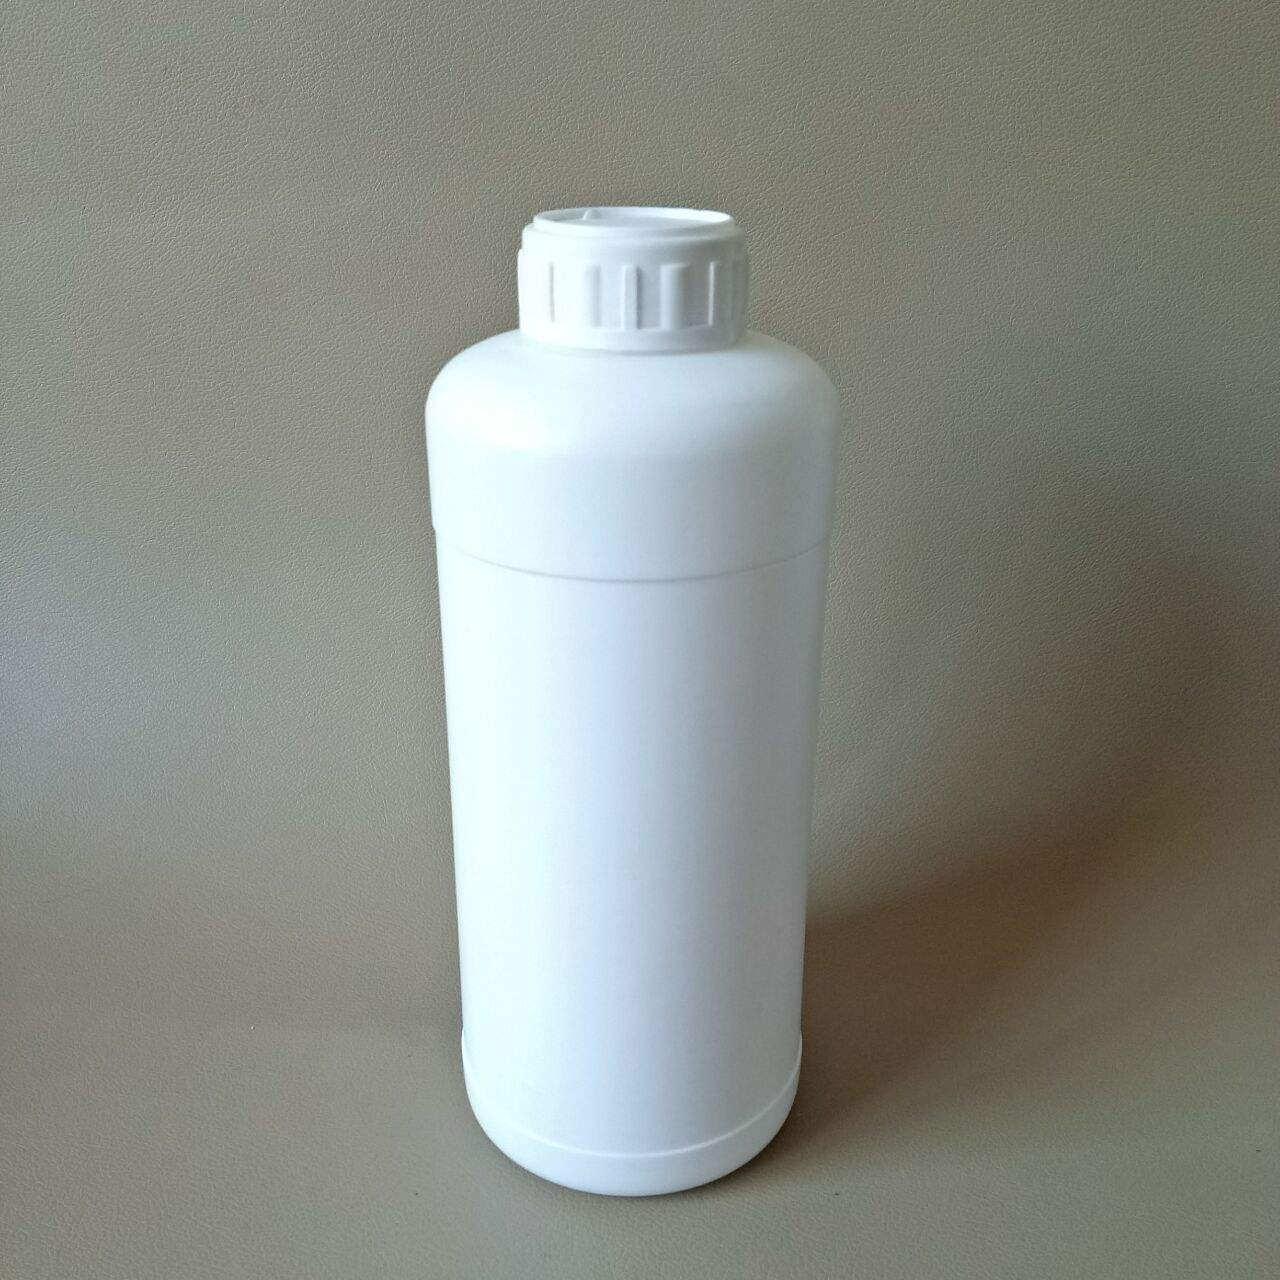 农药包装瓶批发,沧州农药瓶制造厂家